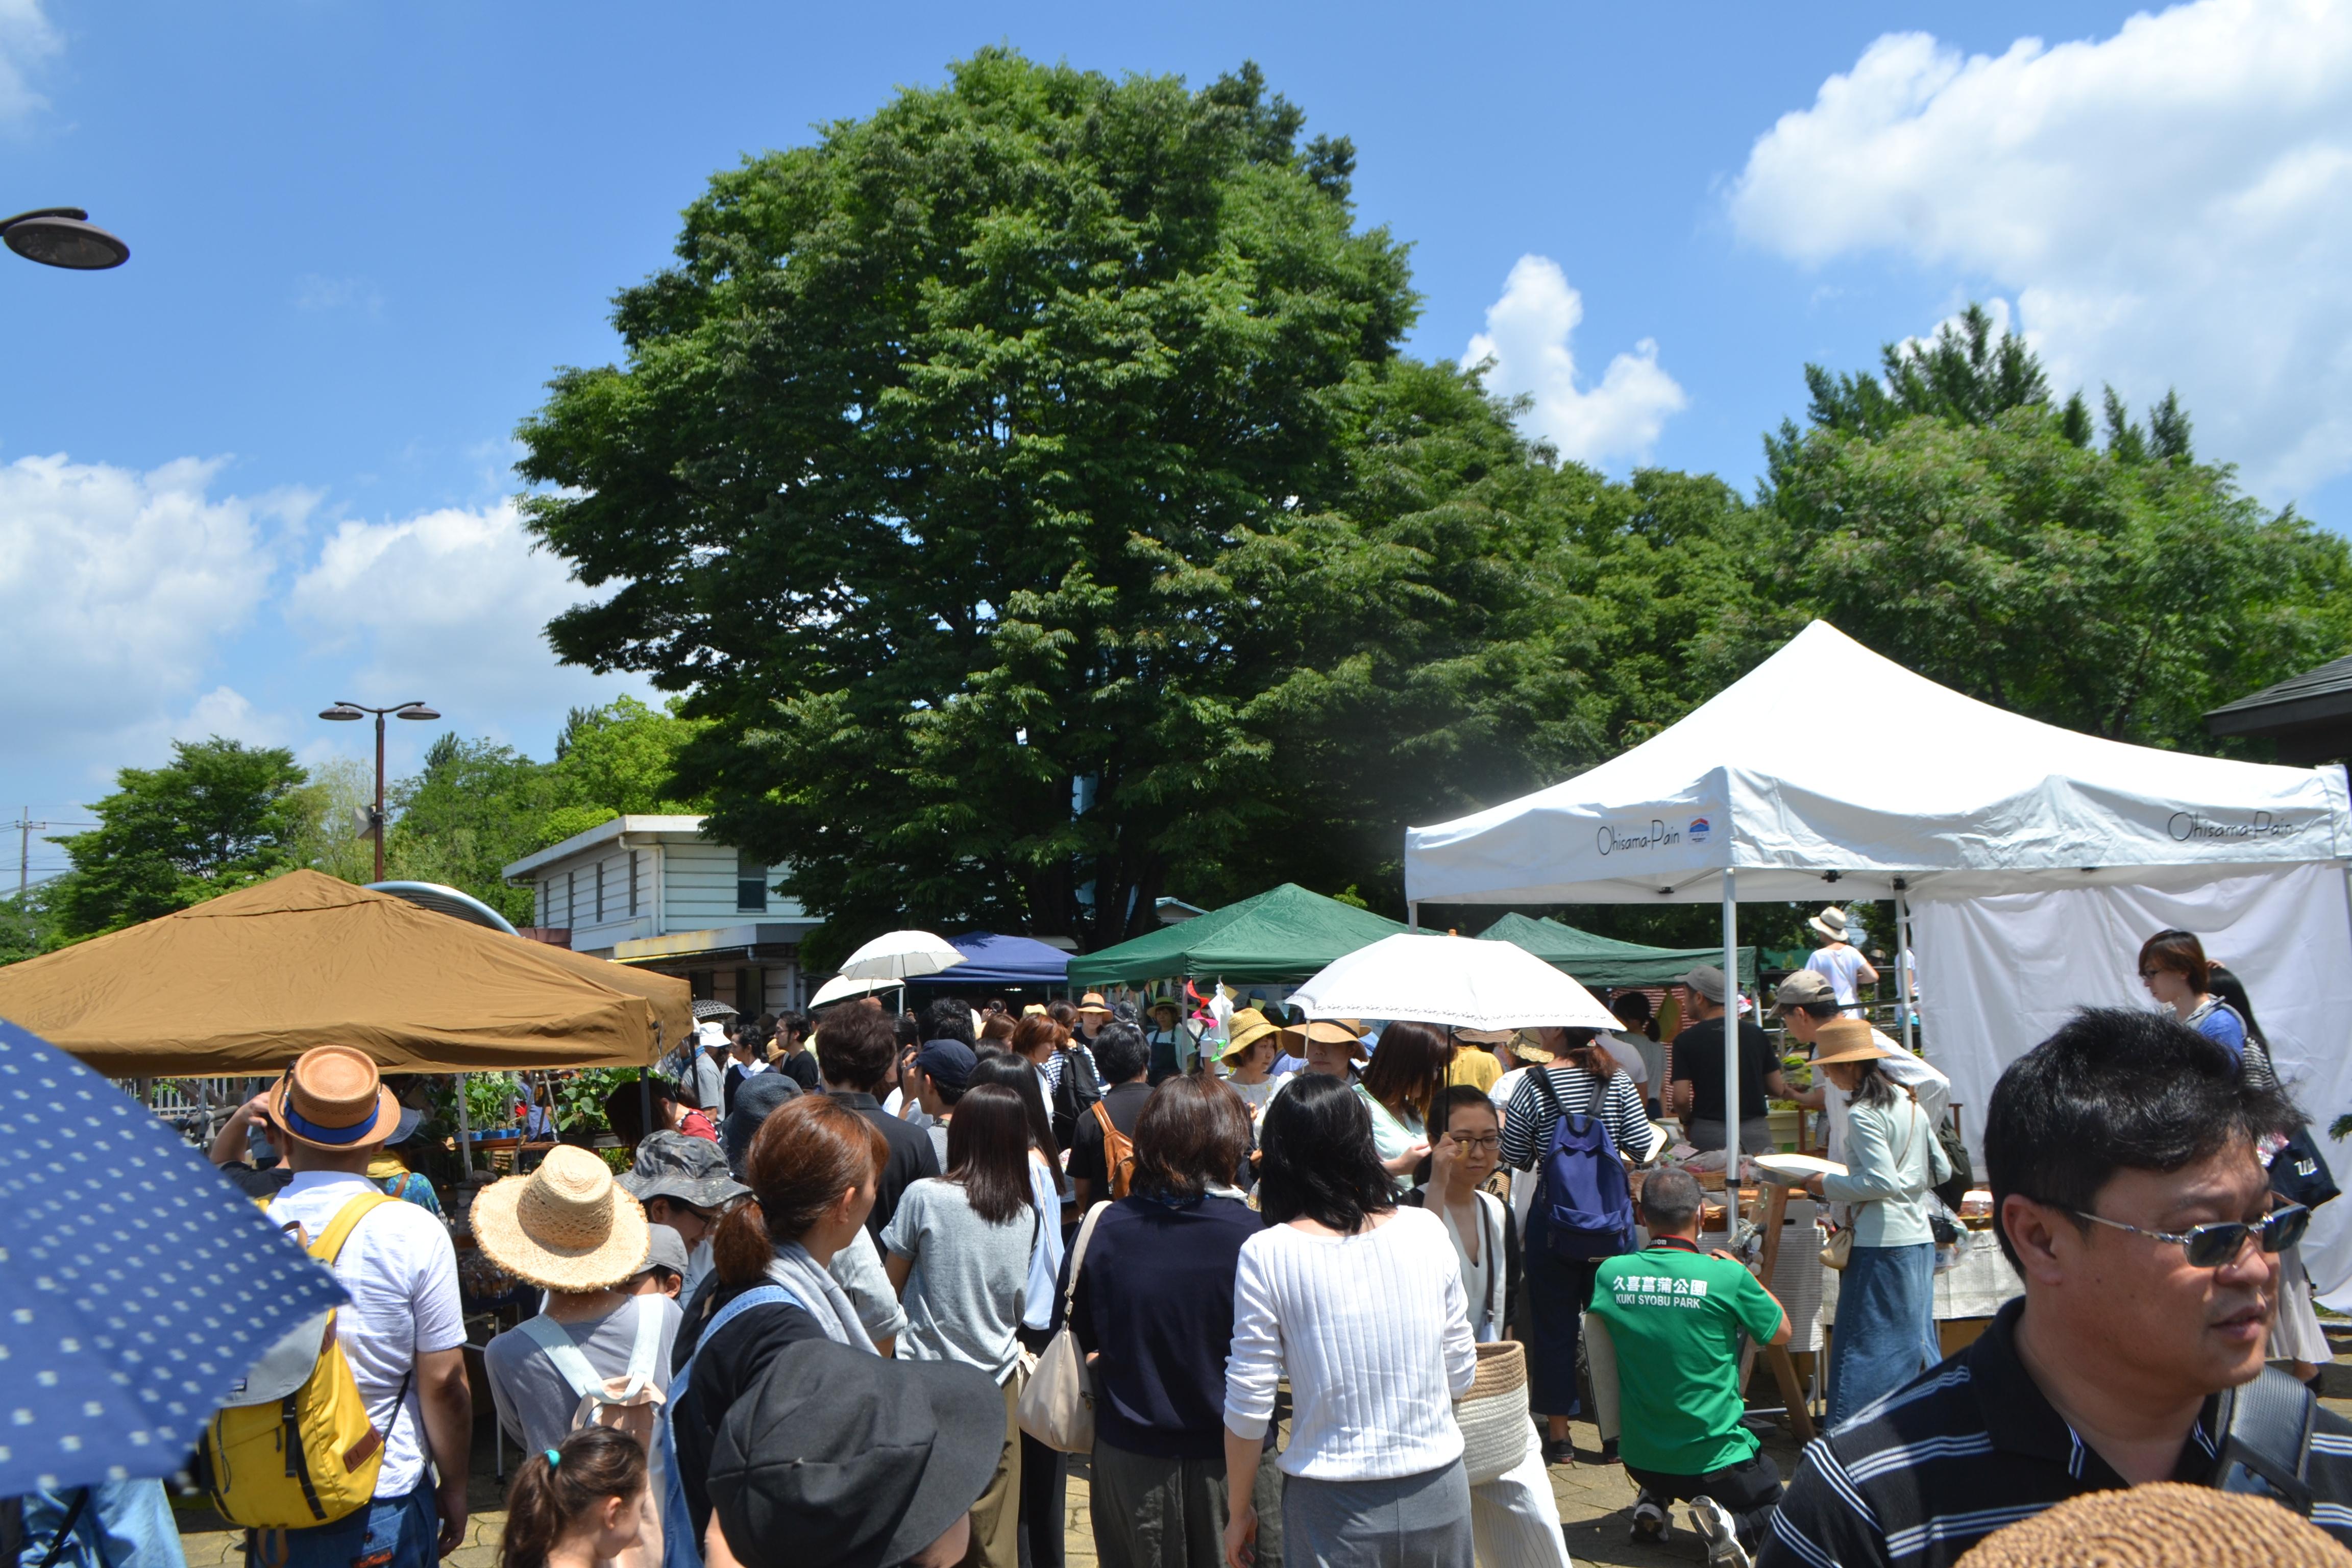 「縁側日和」というマーケットの反響を見て、巾着田でやりたいと思った!